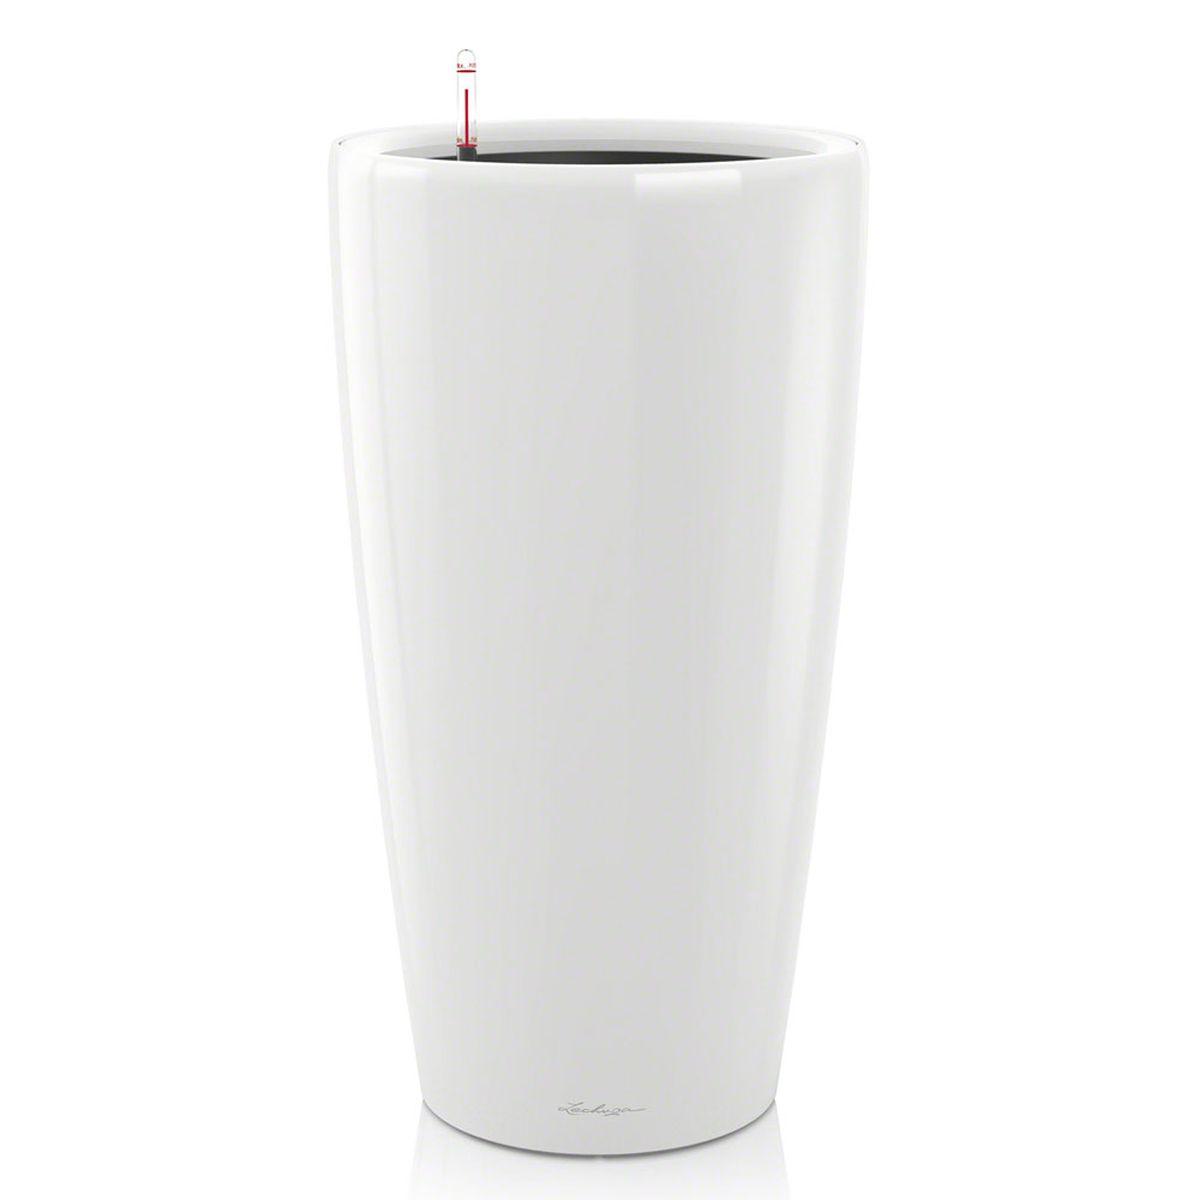 Кашпо Lechuza Rondo, с системой автополива, цвет: белый, диаметр 32 см15780Кашпо Lechuza Rondo, изготовленное из высококачественного пластика, идеальное решение для тех, кто регулярно забывает поливать комнатные растения. Стильный дизайн позволит украсить растениями офис, кафе или любое другое помещение. Кашпо Lechuza Rondo с системой автополива упростит уход за вашими цветами и поможет растениям получать то количество влаги, которое им необходимо в данный момент времени. В набор входит: кашпо, внутренний горшок, индикатор уровня воды, вал подачи воды, субстрат растений в качестве дренажного слоя, резервуар для воды. Внутренний горшок, оснащенный выдвижными ручками, обеспечивает: - легкую переноску даже высоких растений; - легкую смену растений; - можно также просто убрать растения на зиму; - винт в днище позволяет стечь излишней дождевой воде наружу. Кашпо Lechuza Rondo украсит любой интерьер и станет замечательным подарком для ваших родных и близких.